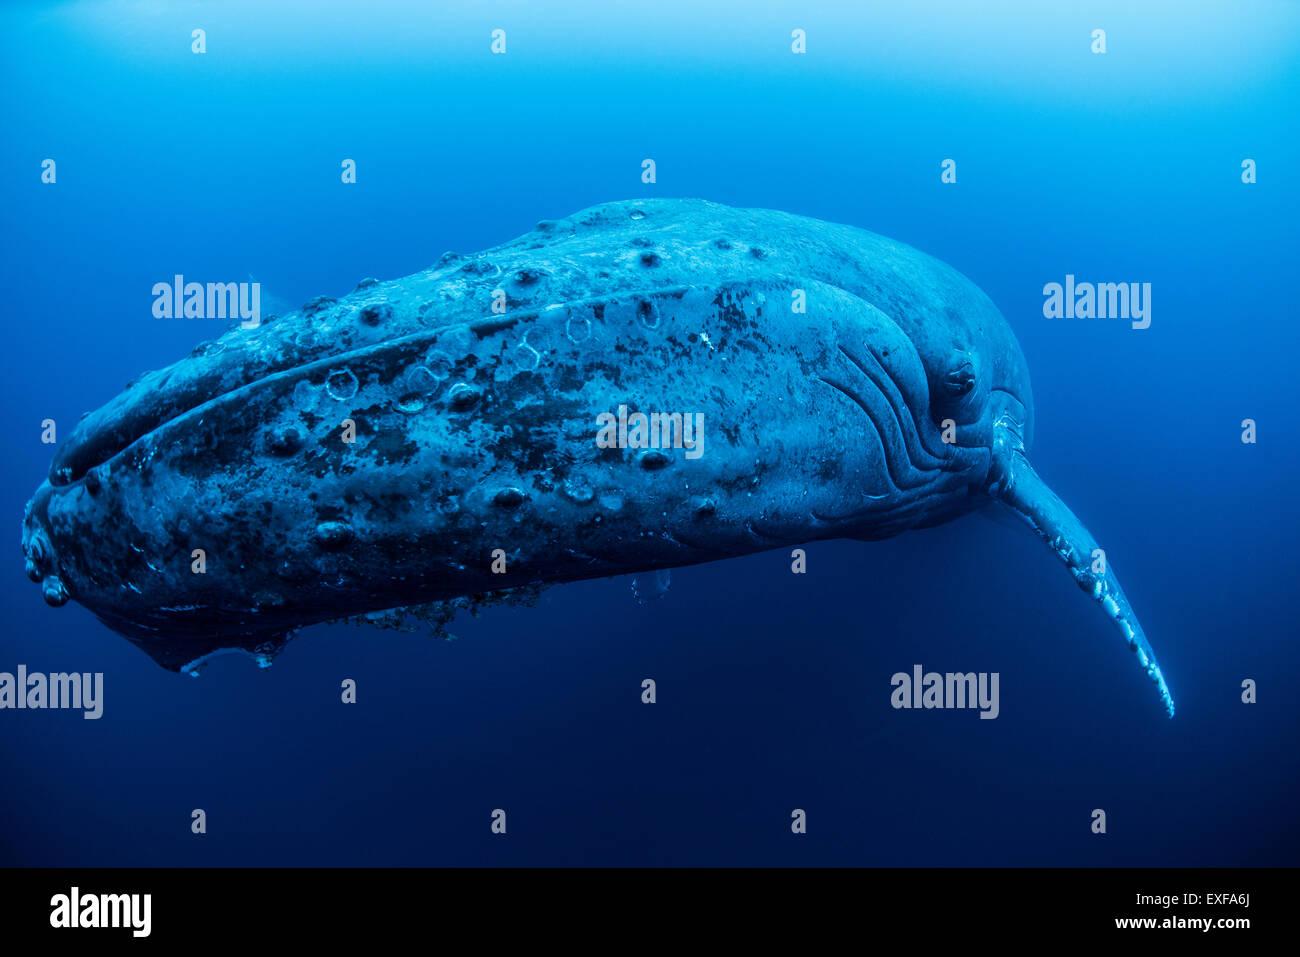 Una ballena jorobada hembra descansando en las profundidades de la isla Roca Partida, México Foto de stock